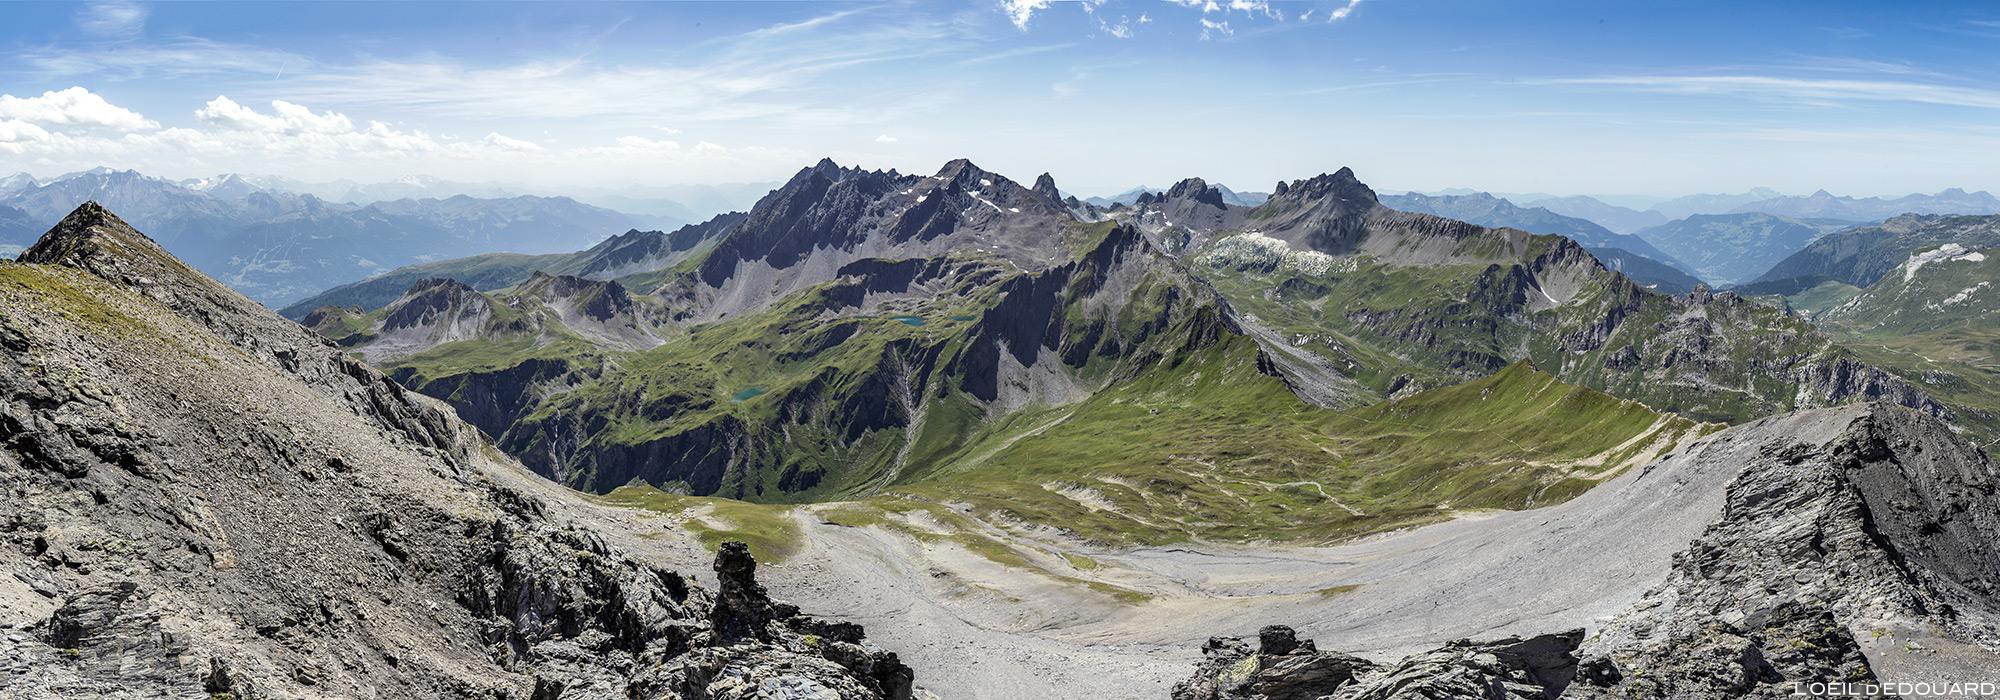 Vue sur le Massif du Beaufortain depuis le sommet de La Pointe de la Terrasse, Savoie Paysage Montagne Alpes